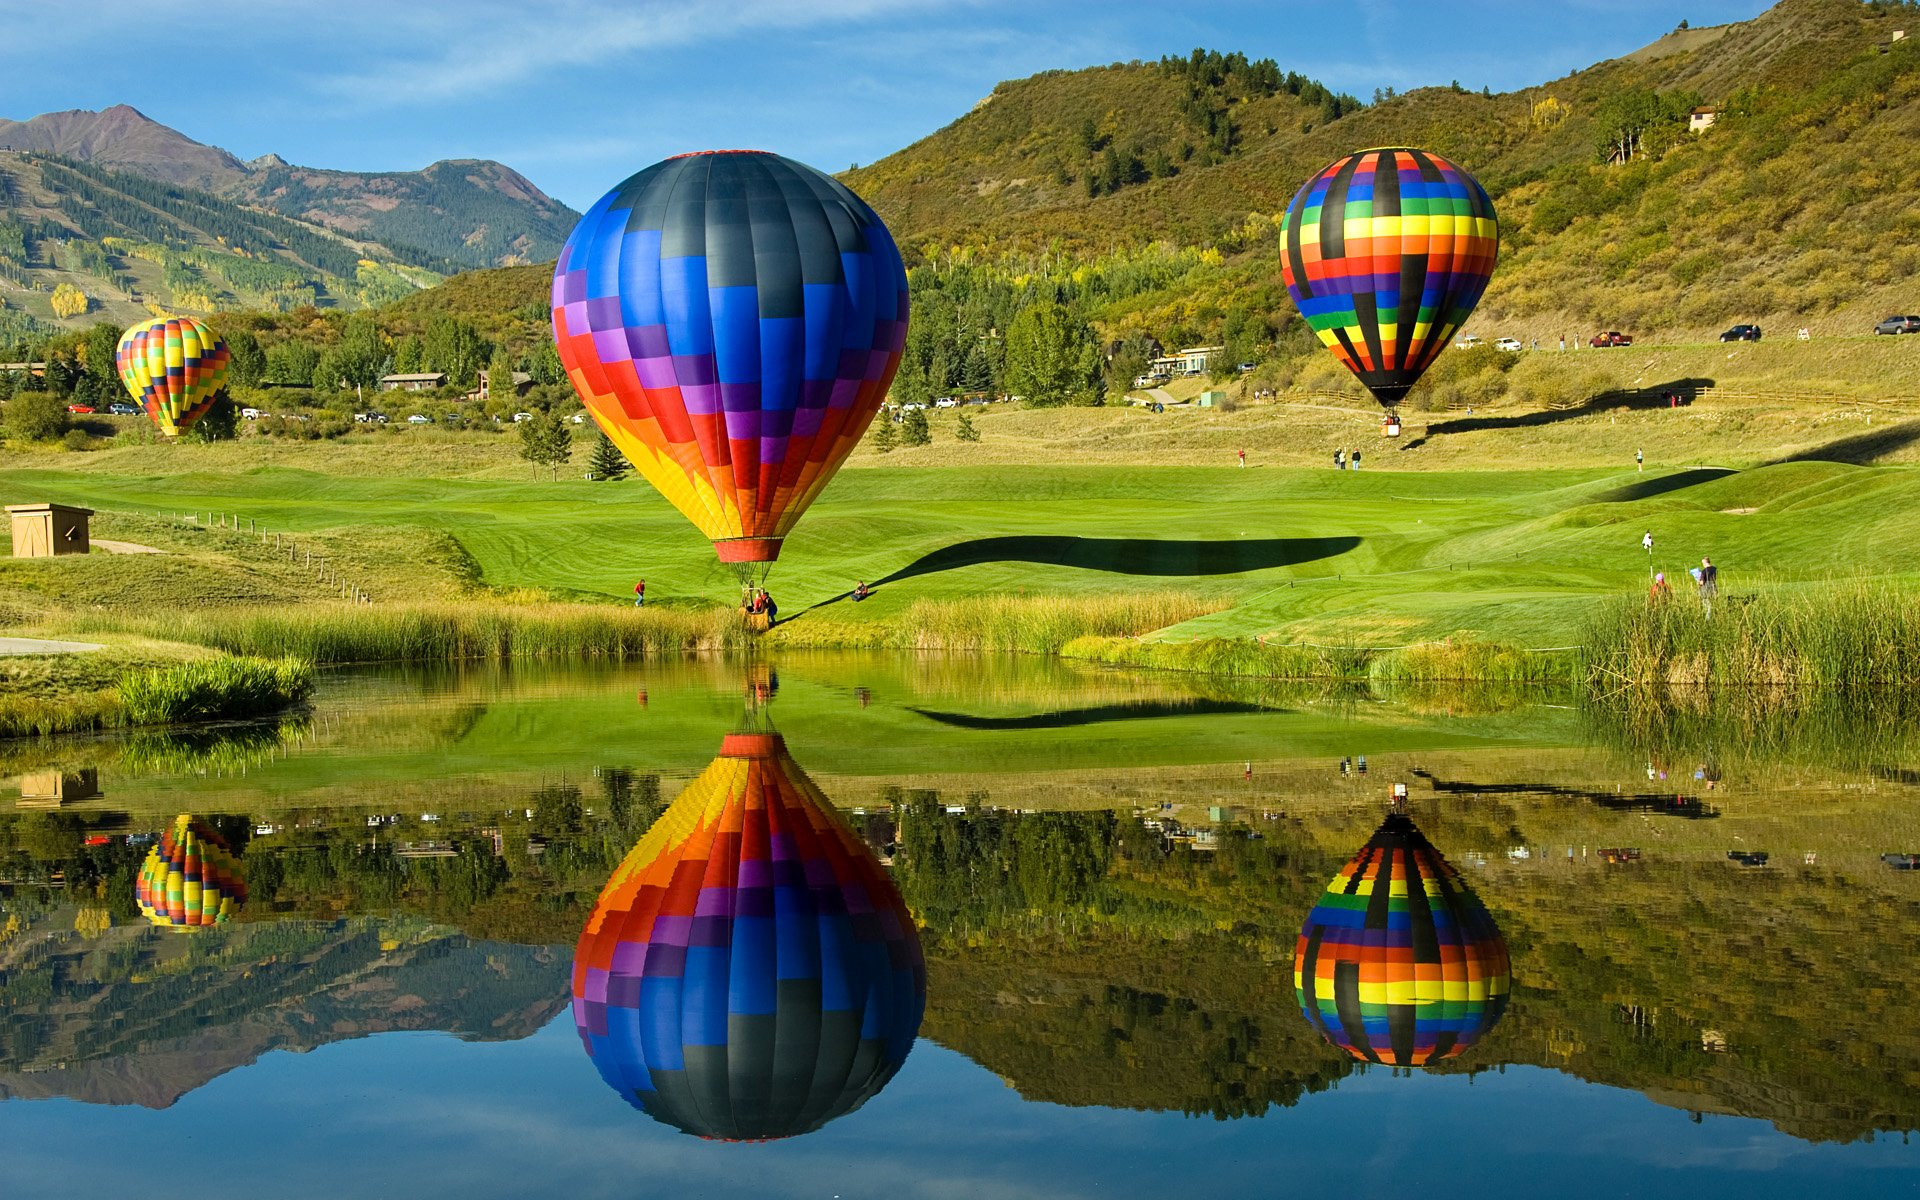 природа горы воздушный шар скачать